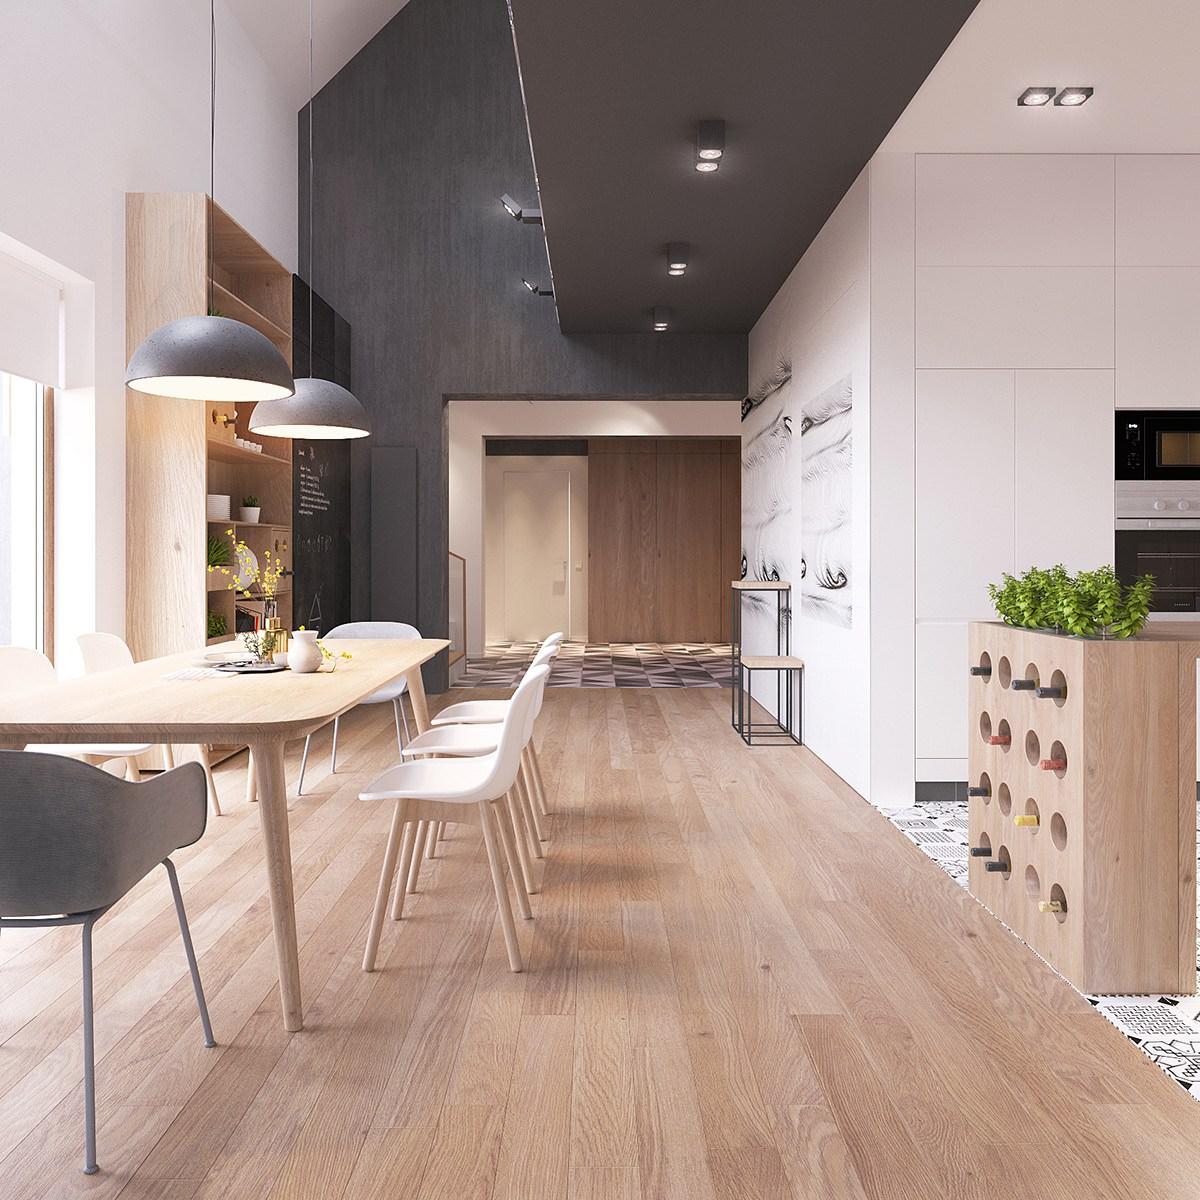 Originale appartamento in stile scandinavo moderno ed ...